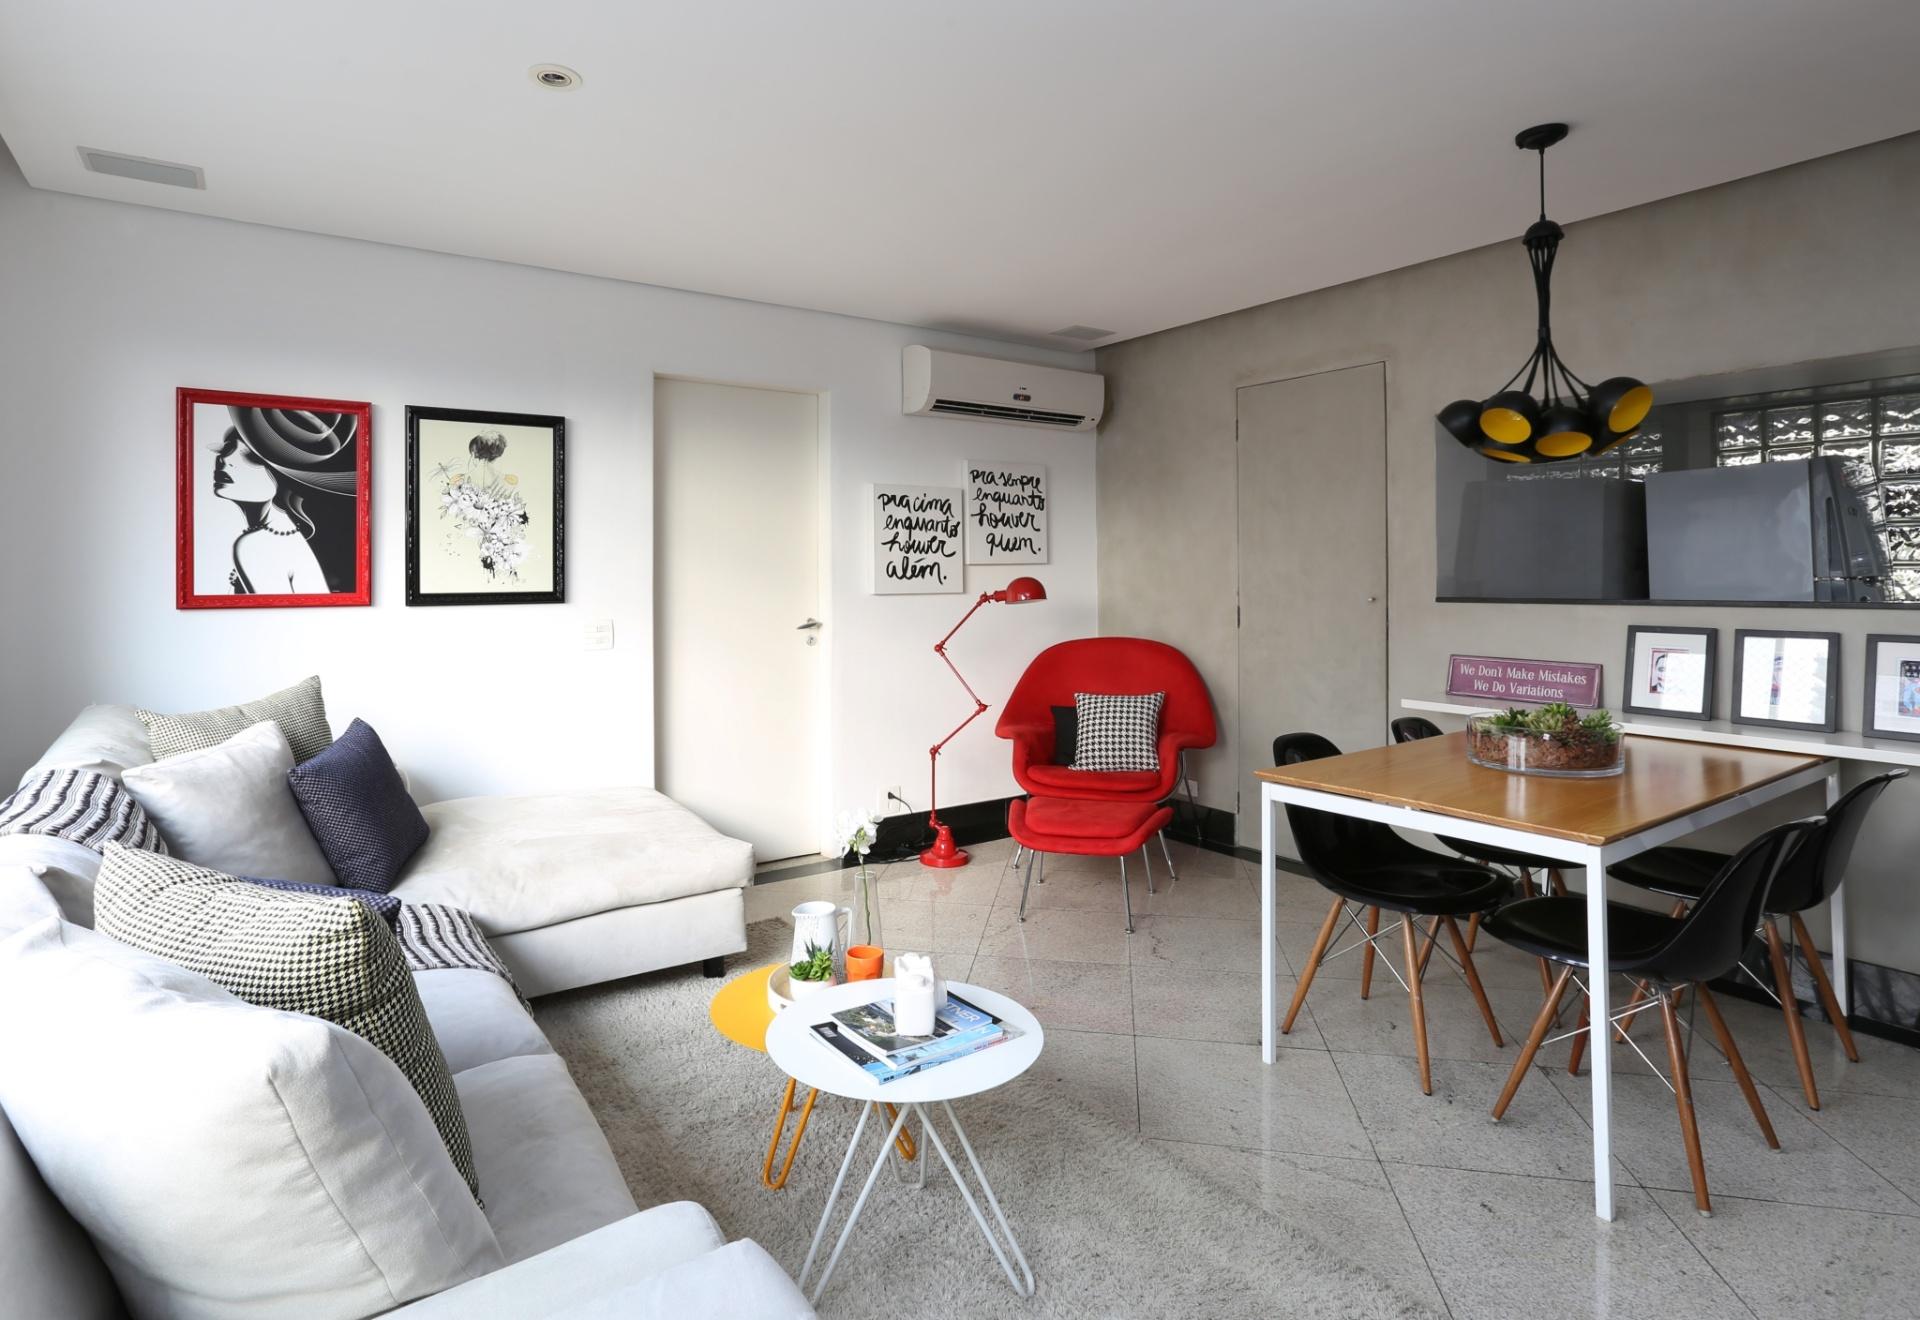 No living do apartamento em São Paulo (SP), o revestimento no padrão cimentício (Bricolagem Brasil) cobre a parede que divide o ambiente social do lavabo (mais ao fundo) e da cozinha americana. A porta do lavatório recebeu o mesmo acabamento, unificando-a com o restante da superfície. Na composição bem resolvida, as cadeiras de jantar Charles Eames Wood dialogam com a luminária pendente e com a poltrona vermelha Womb, Eero Saarinen. O projeto de reforma é assinado por Duda Senna